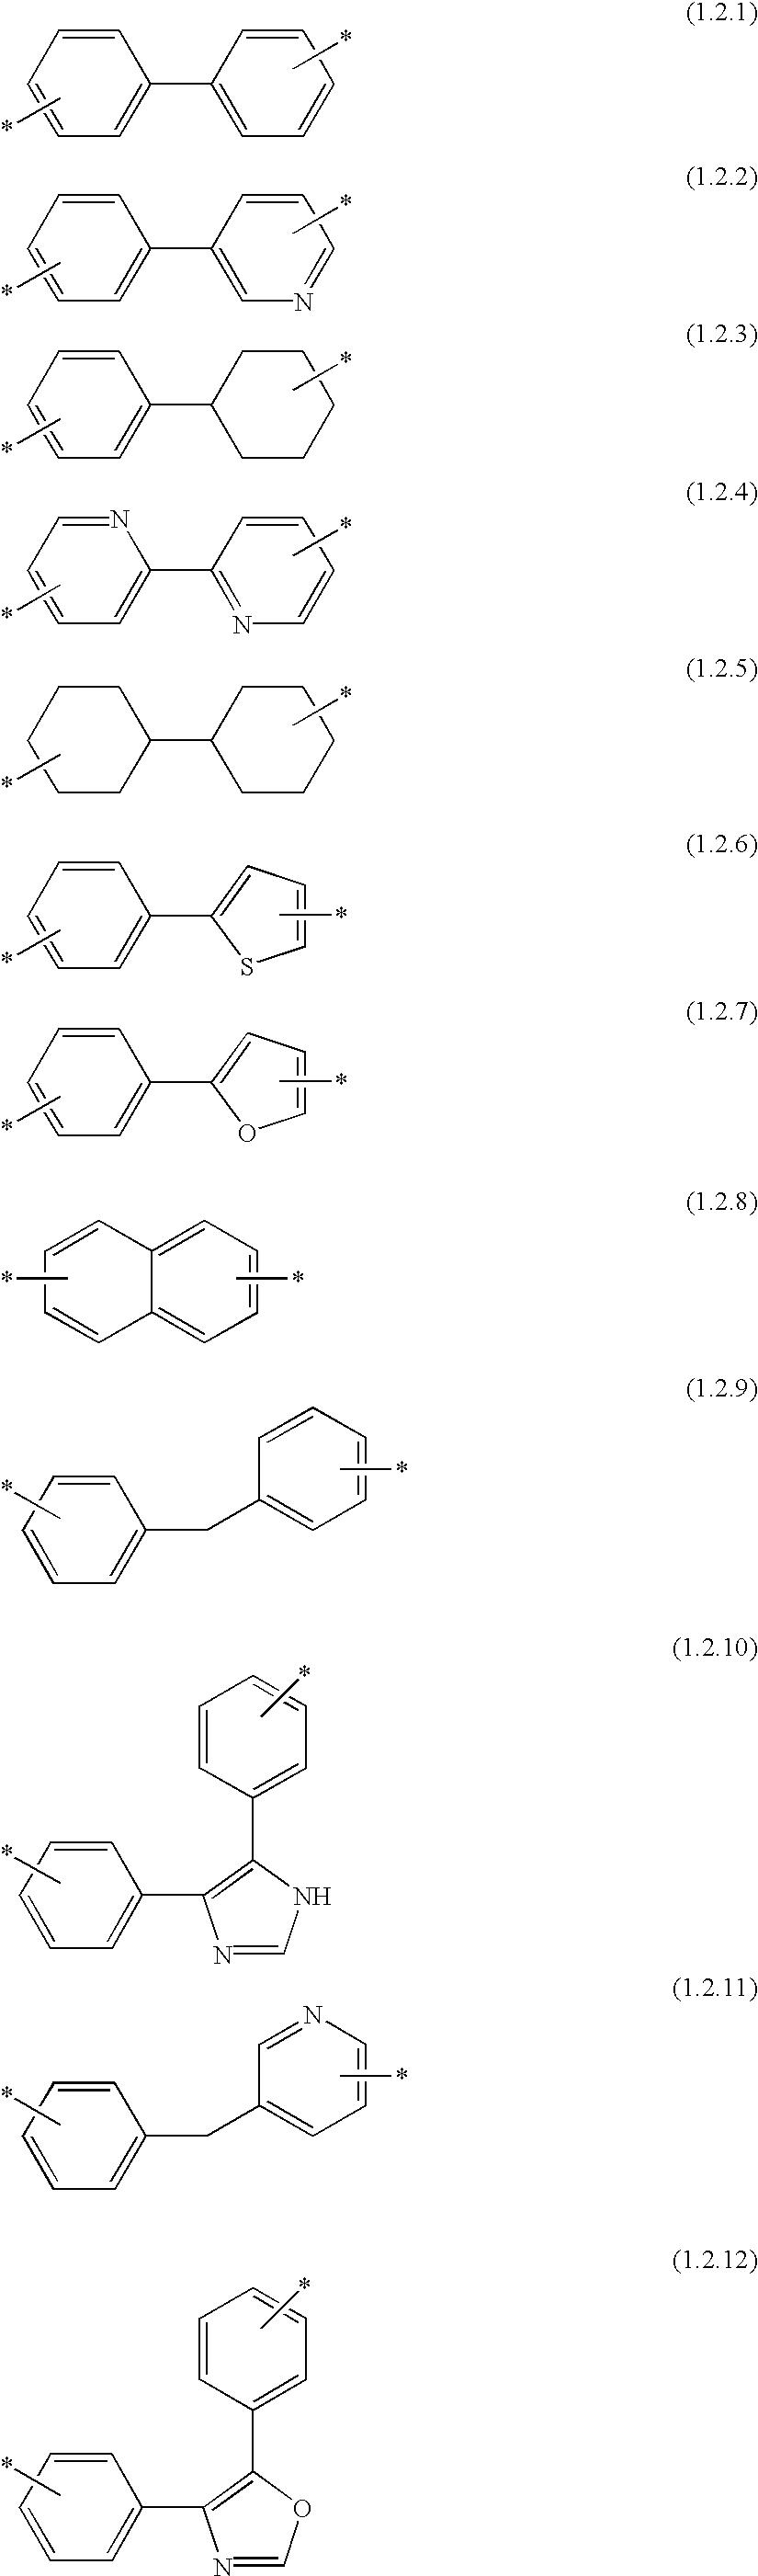 Figure US20030186974A1-20031002-C00073